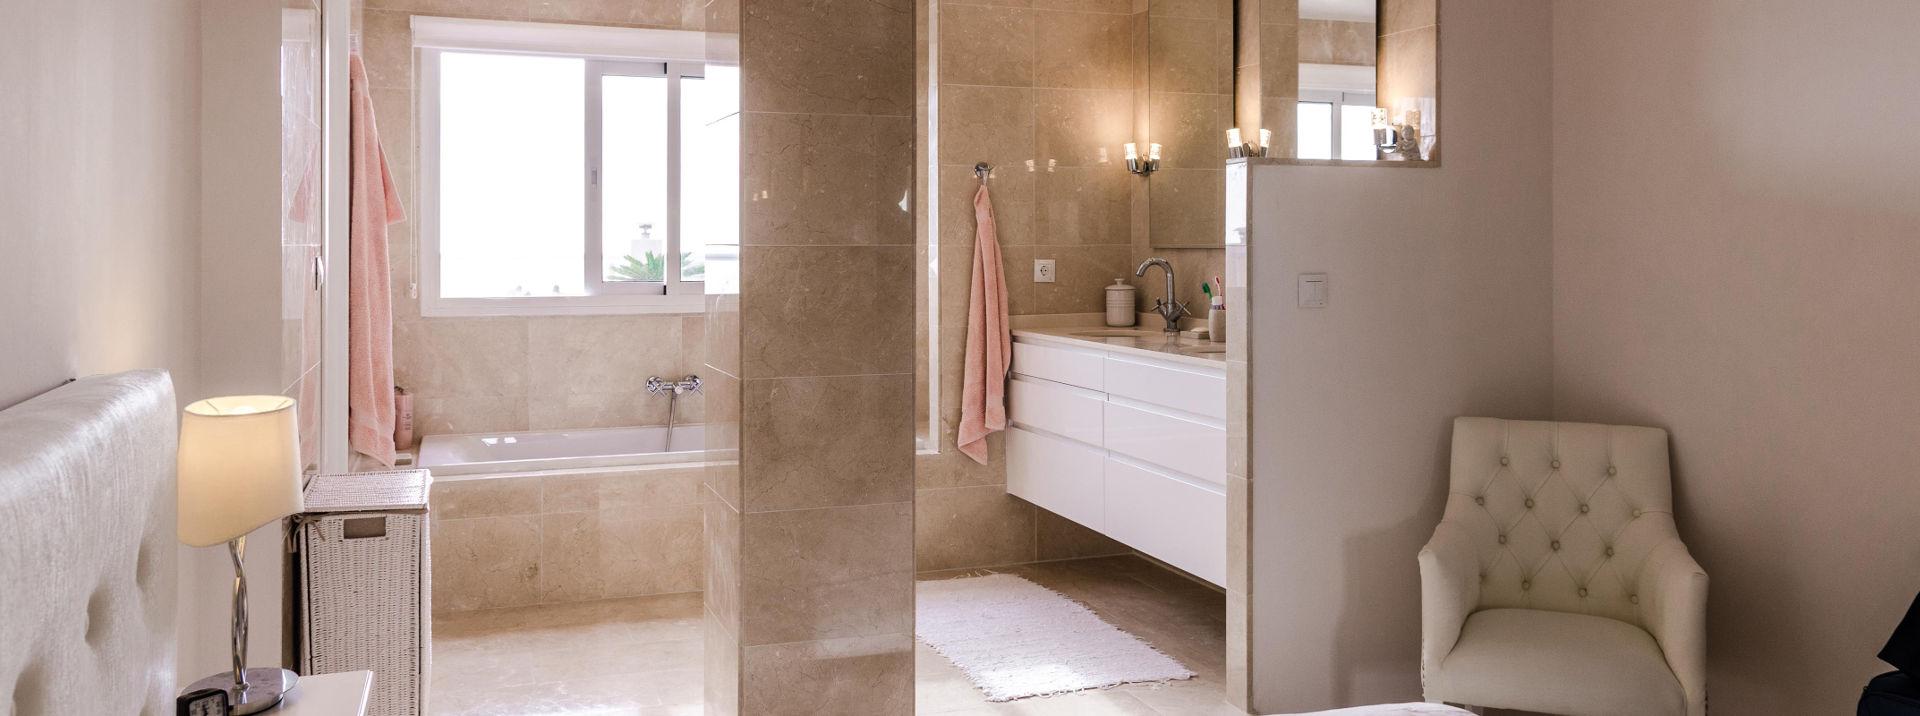 Nordic Muebles - Bathrooms - Modern Palencia